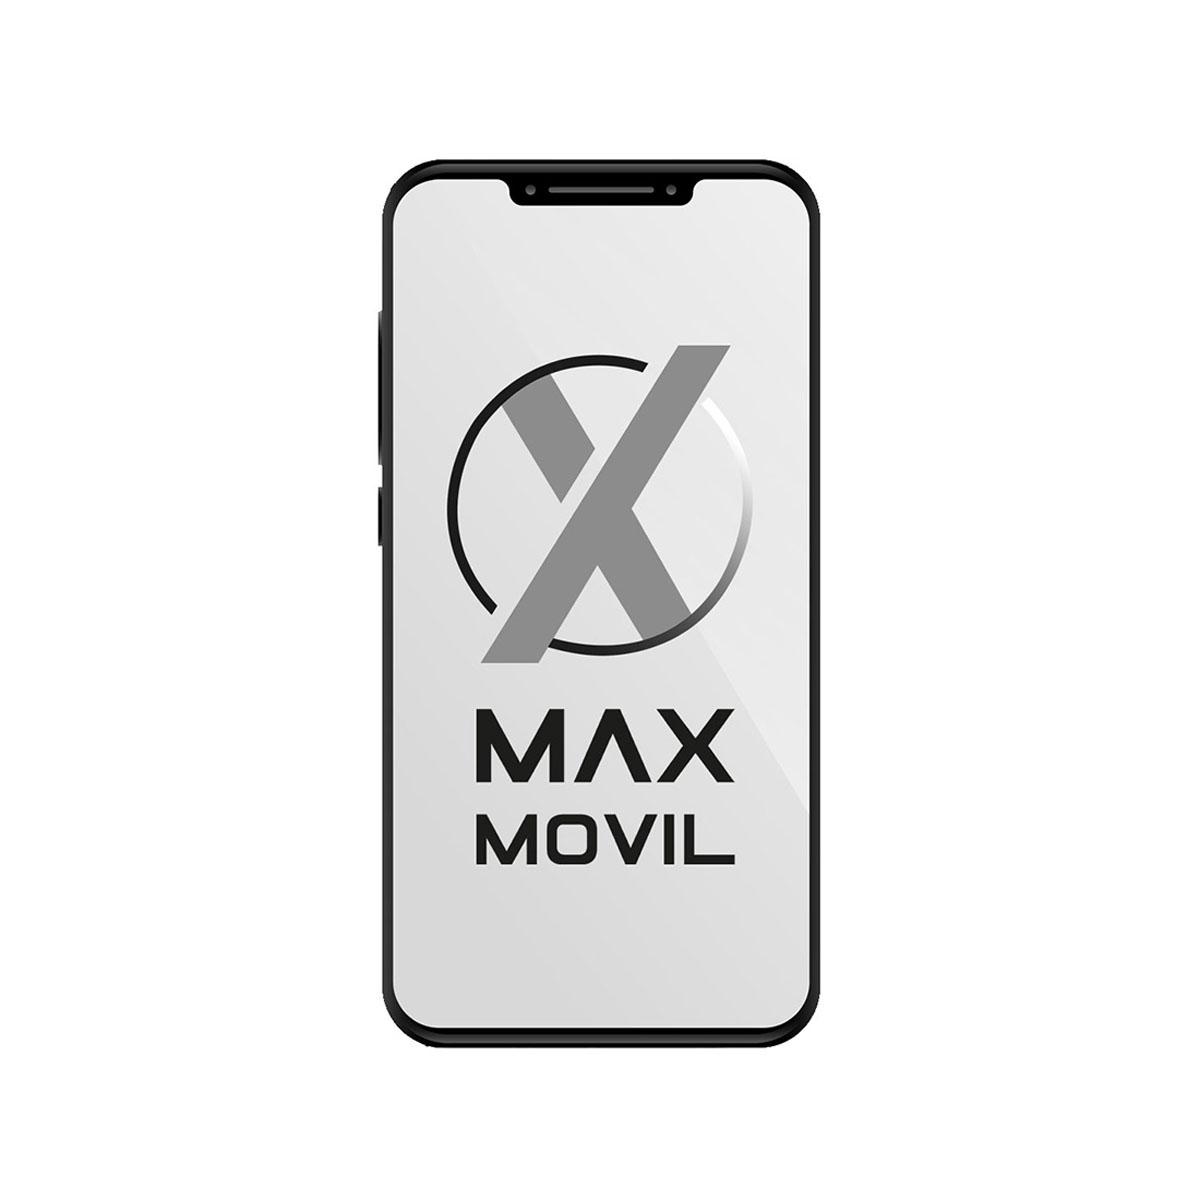 Telefono movil Iphone 6S 16GB libre space grey CPO ECO-RECICLADO GRADO A